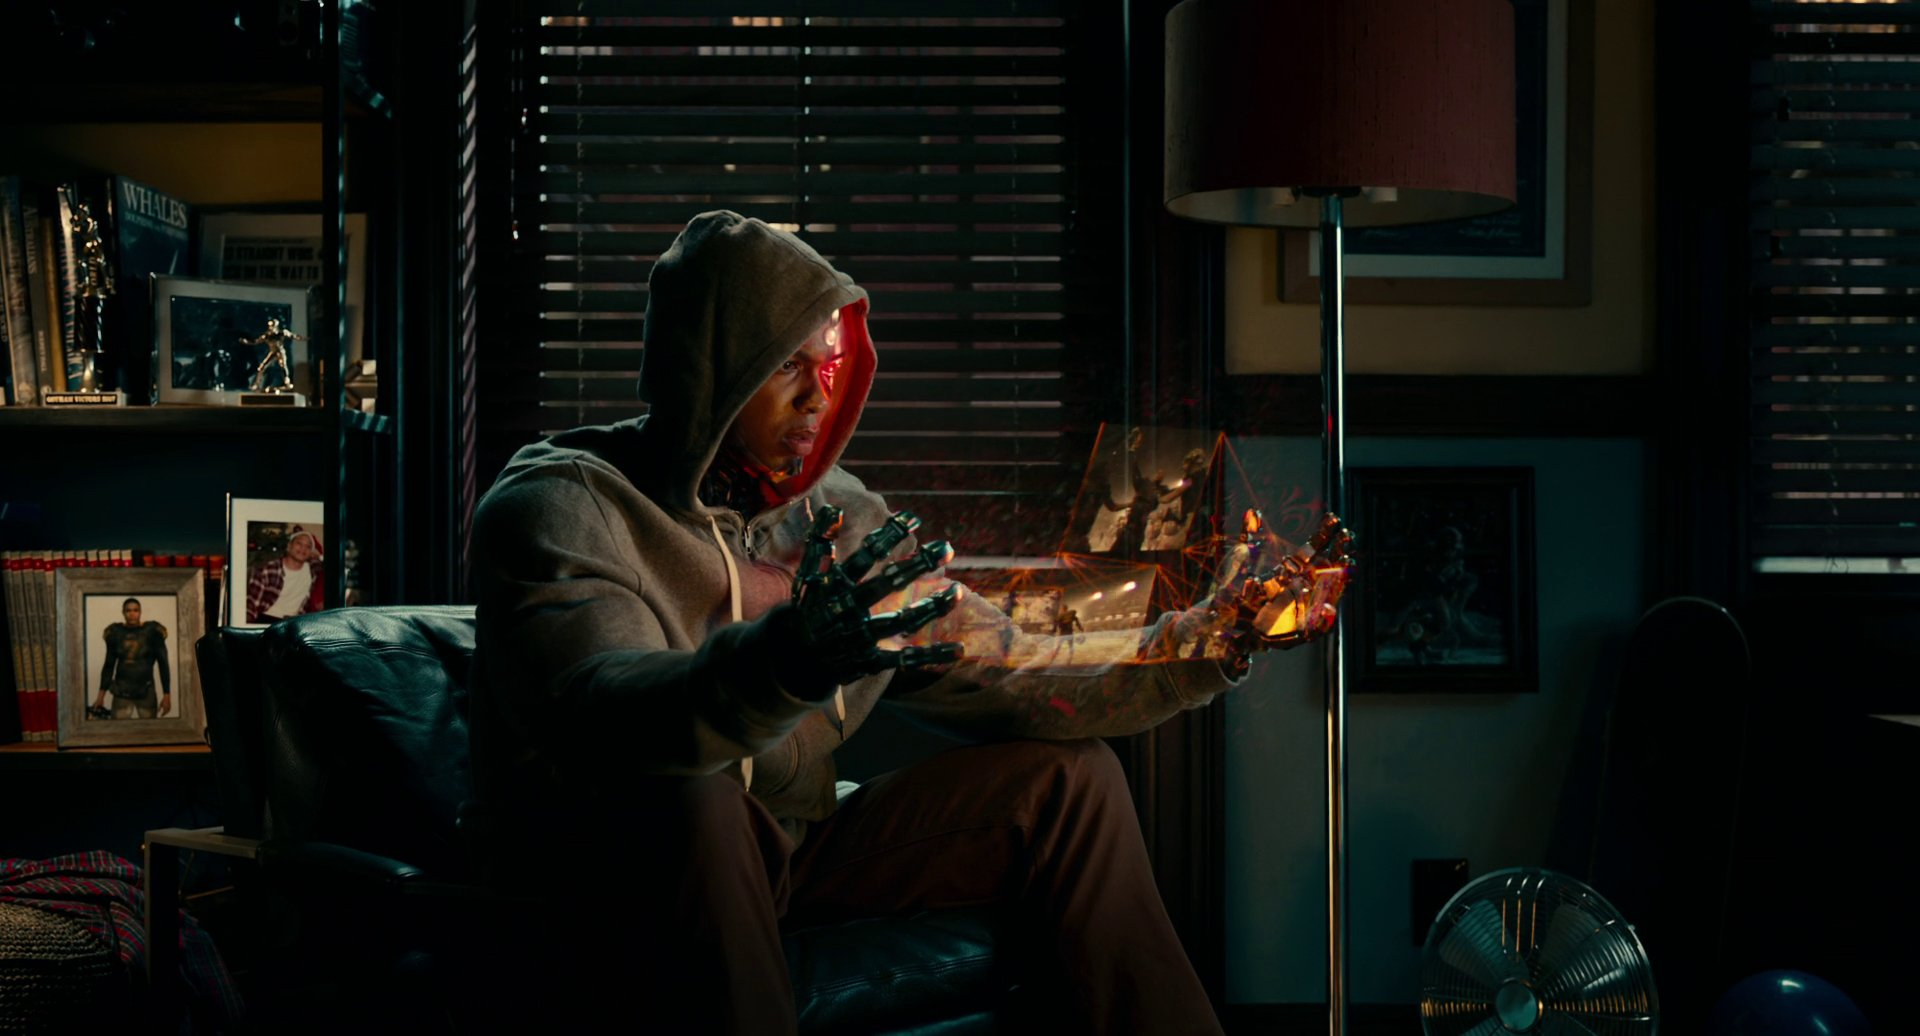 """Résultat de recherche d'images pour """"justice league movie trailer"""""""